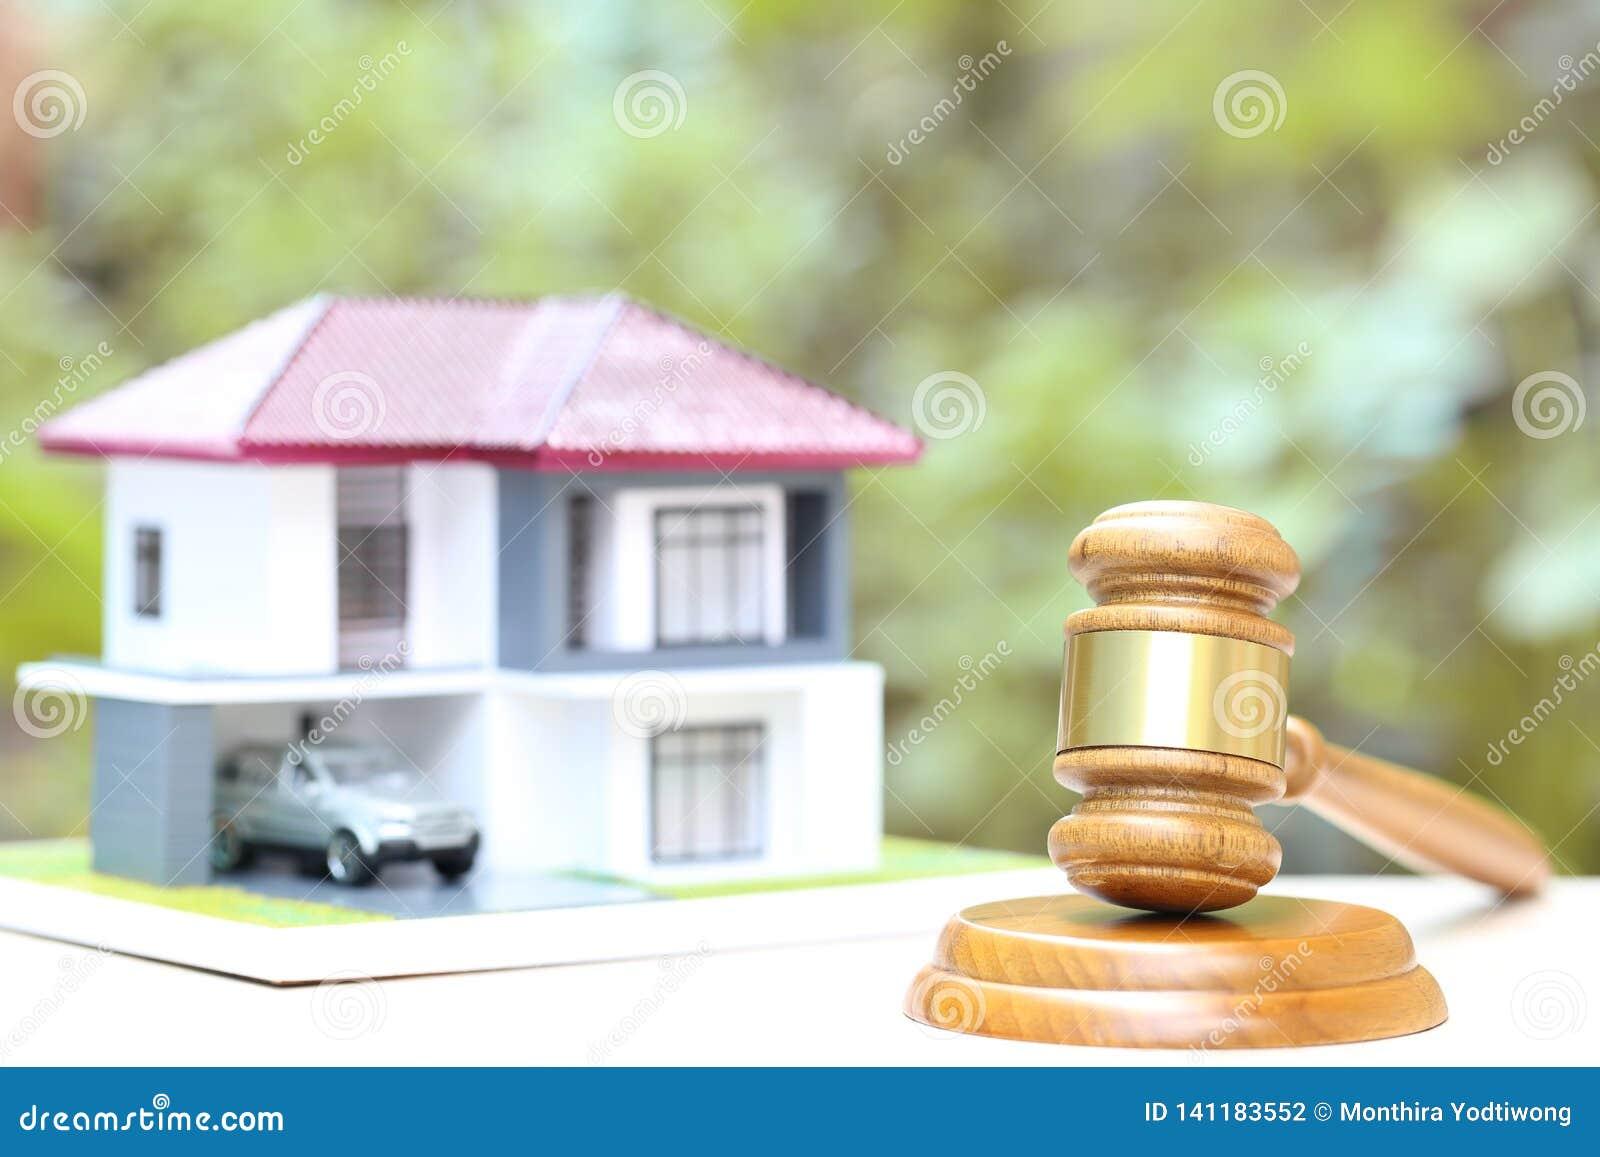 Аукцион свойства, дом молотка деревянный и модельный на естественной зеленой предпосылке, юриста домашней недвижимости и свойства